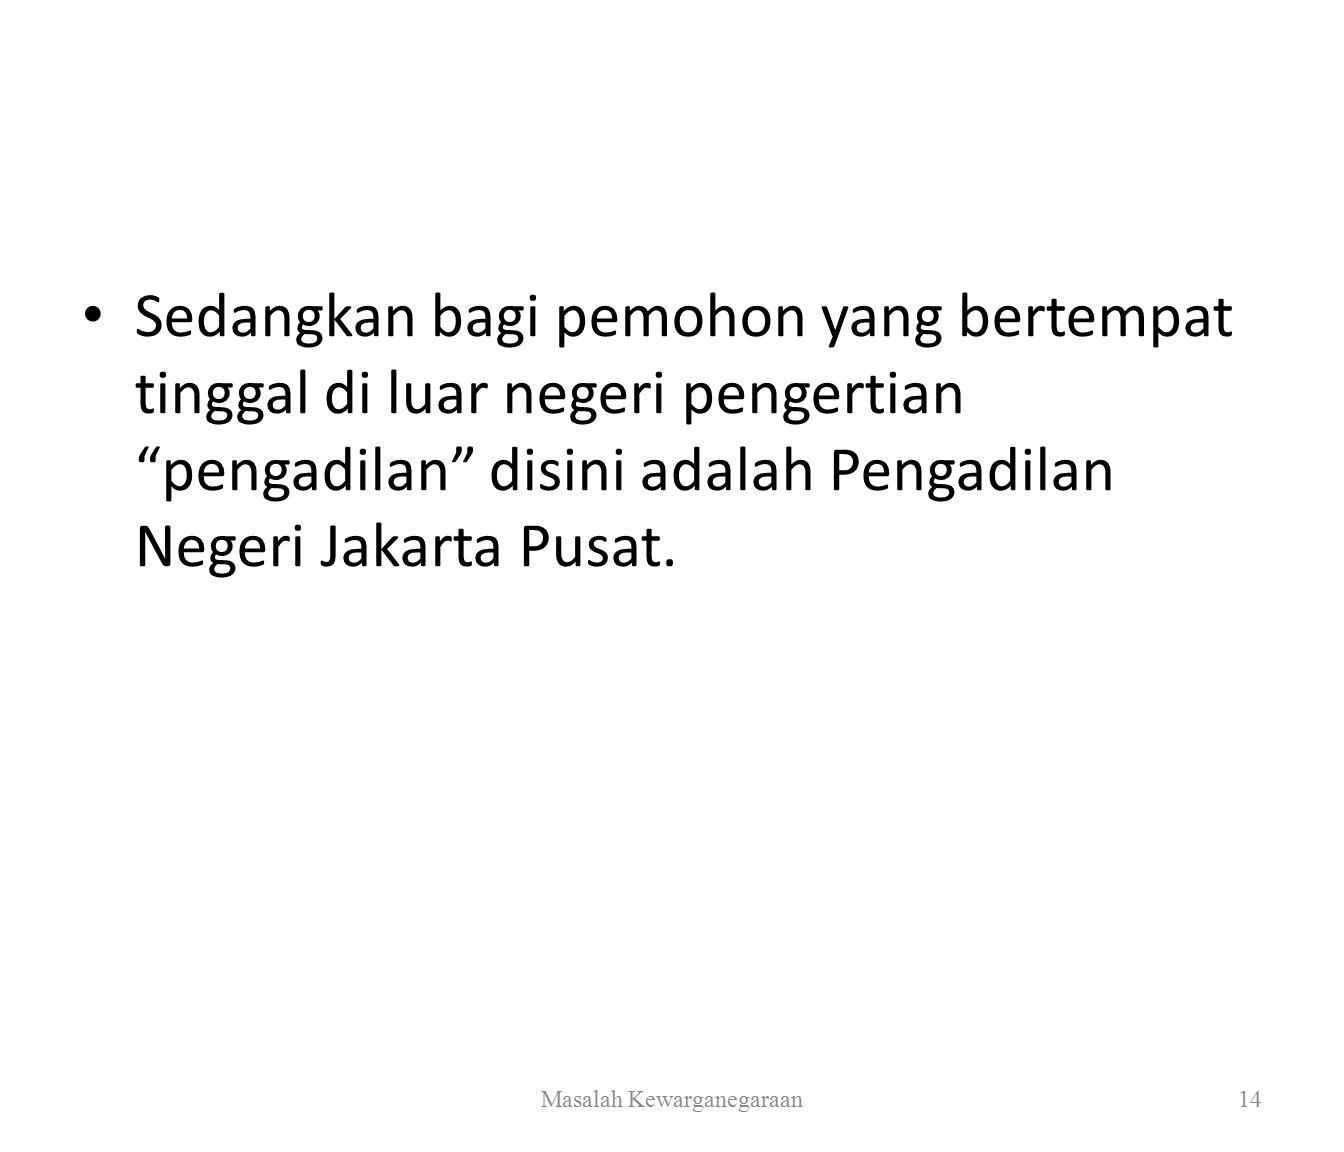 Sedangkan bagi pemohon yang bertempat tinggal di luar negeri pengertian pengadilan disini adalah Pengadilan Negeri Jakarta Pusat.